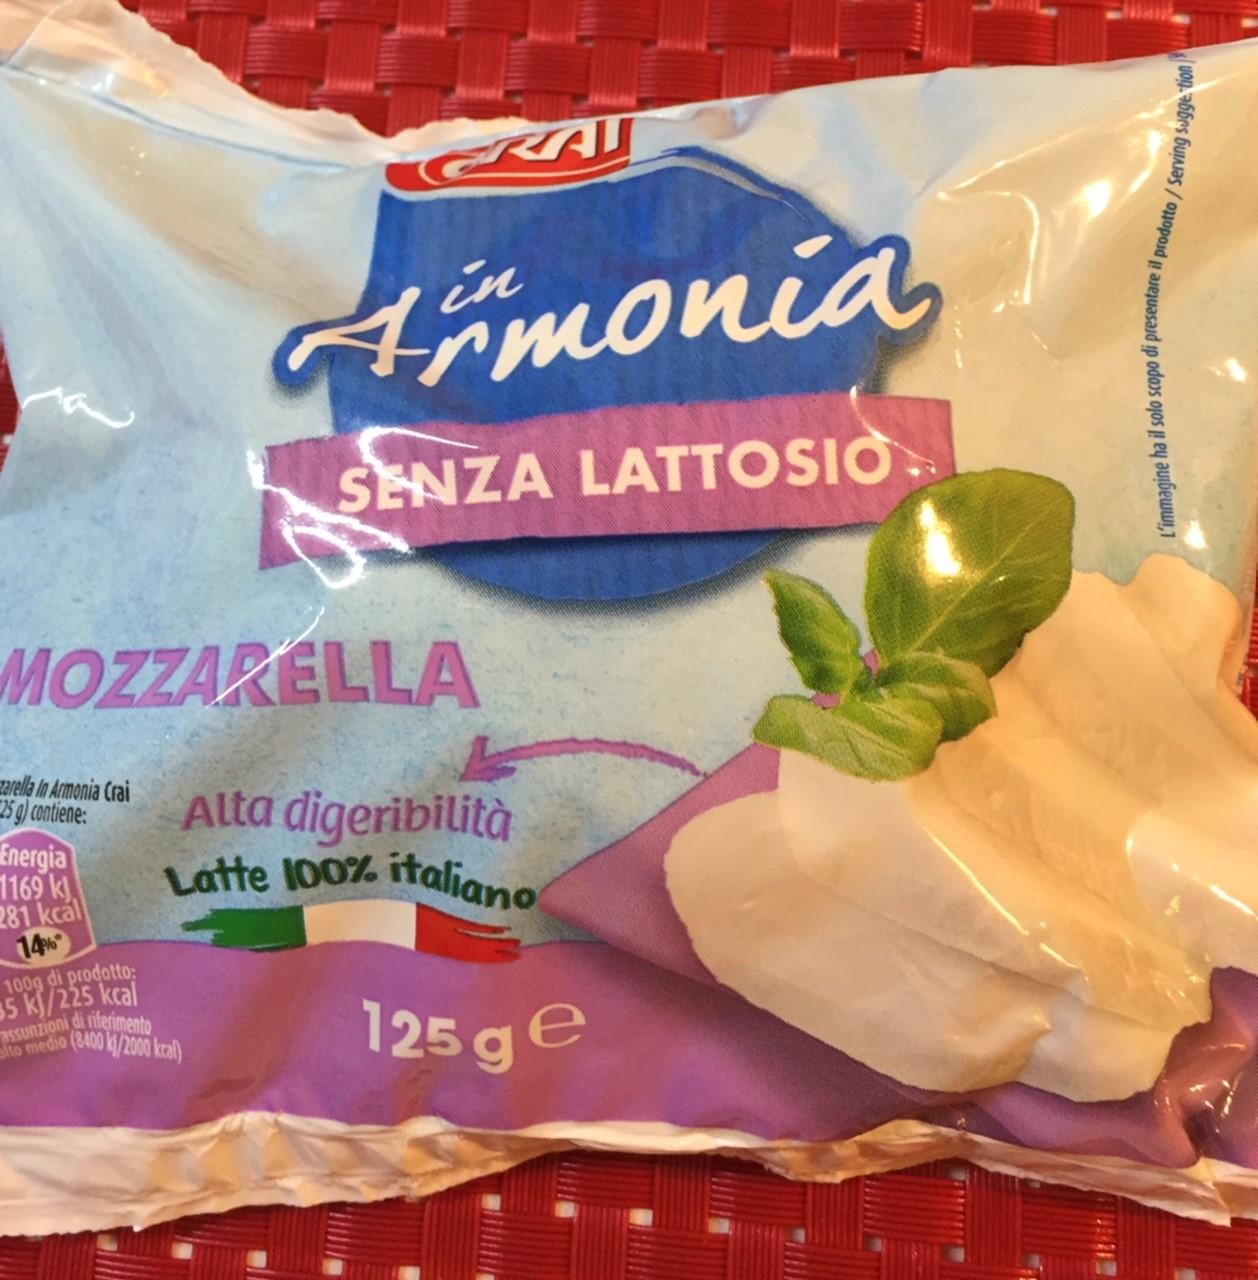 Mozzarella in armonia Crai - lattosio <0,01 Image